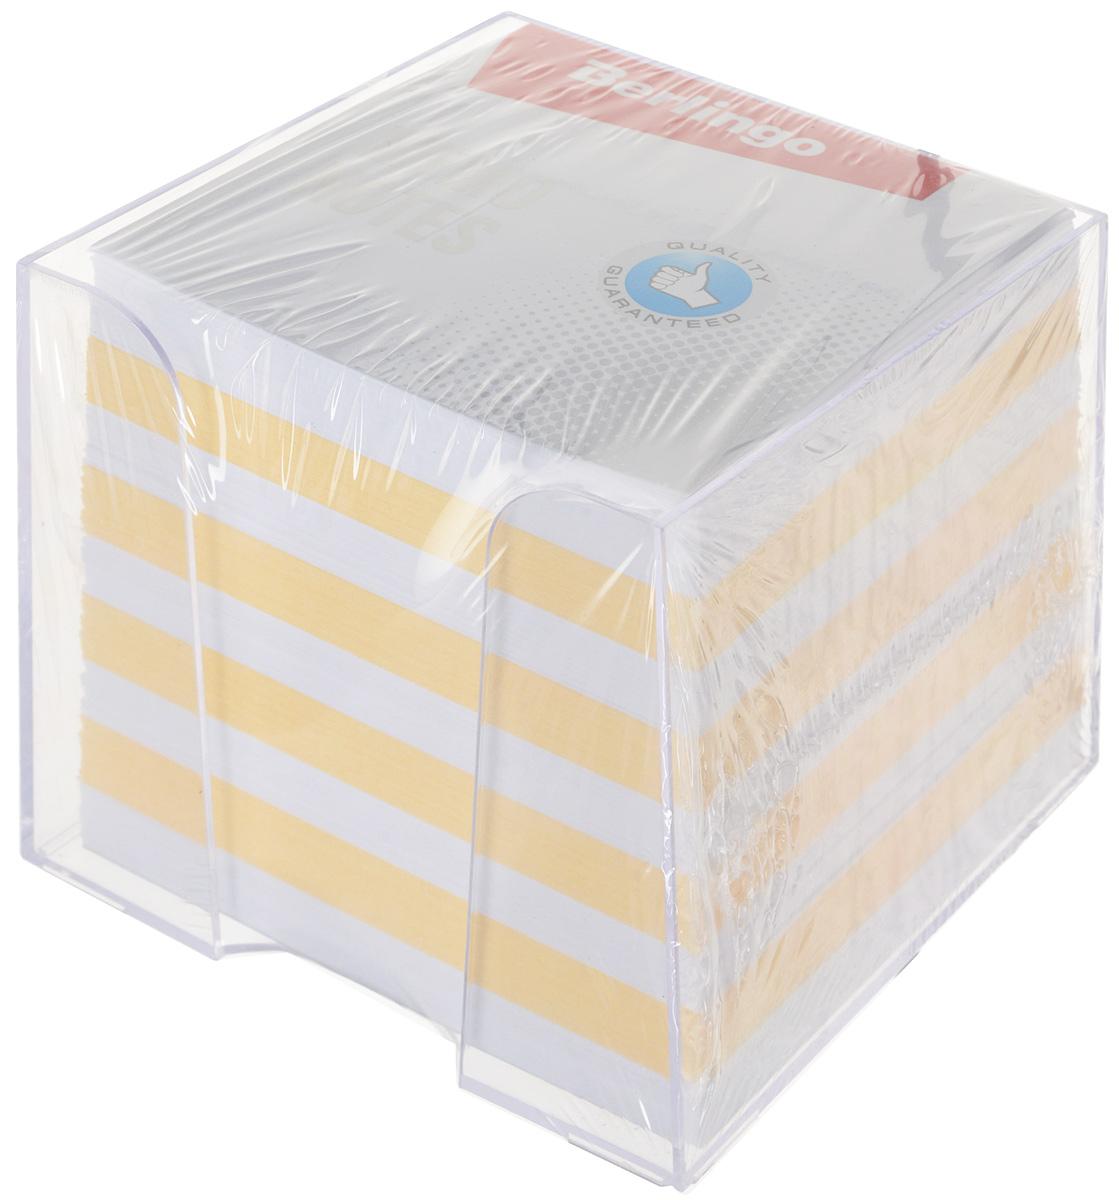 Berlingo Бумага для заметок Standard 9 х 9 х 9 см в пластиковой подставке цвет белый желтый 1000ZP7614_белый желтыйBerlingo Бумага для заметок Standard 9 х 9 х 9 см в пластиковой подставке цвет белый желтый 1000